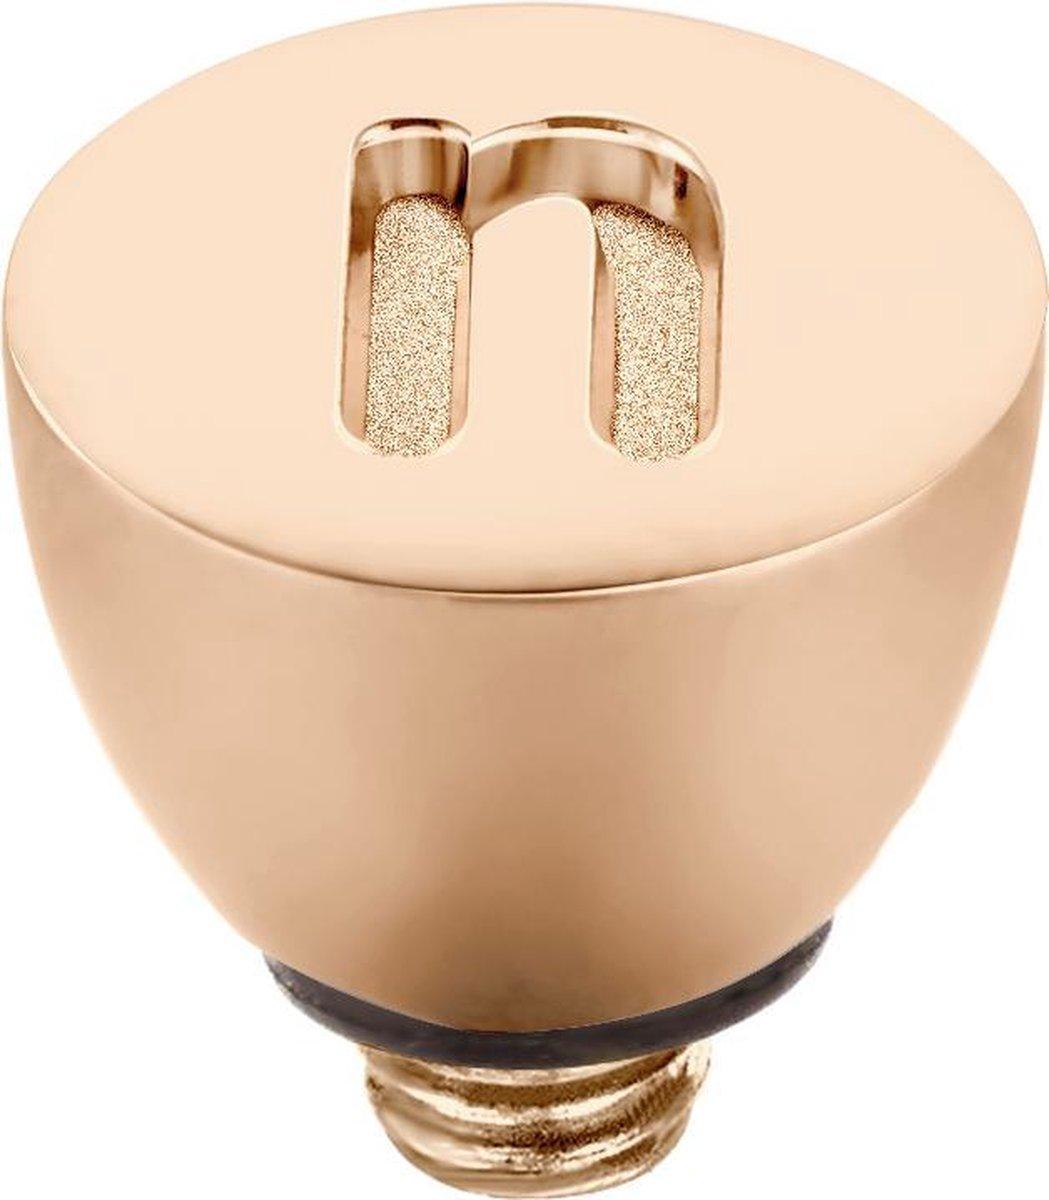 Melano Twisted steentje - letter N - dames - roségoudkleurig - 6 mm - Melano Jewelry